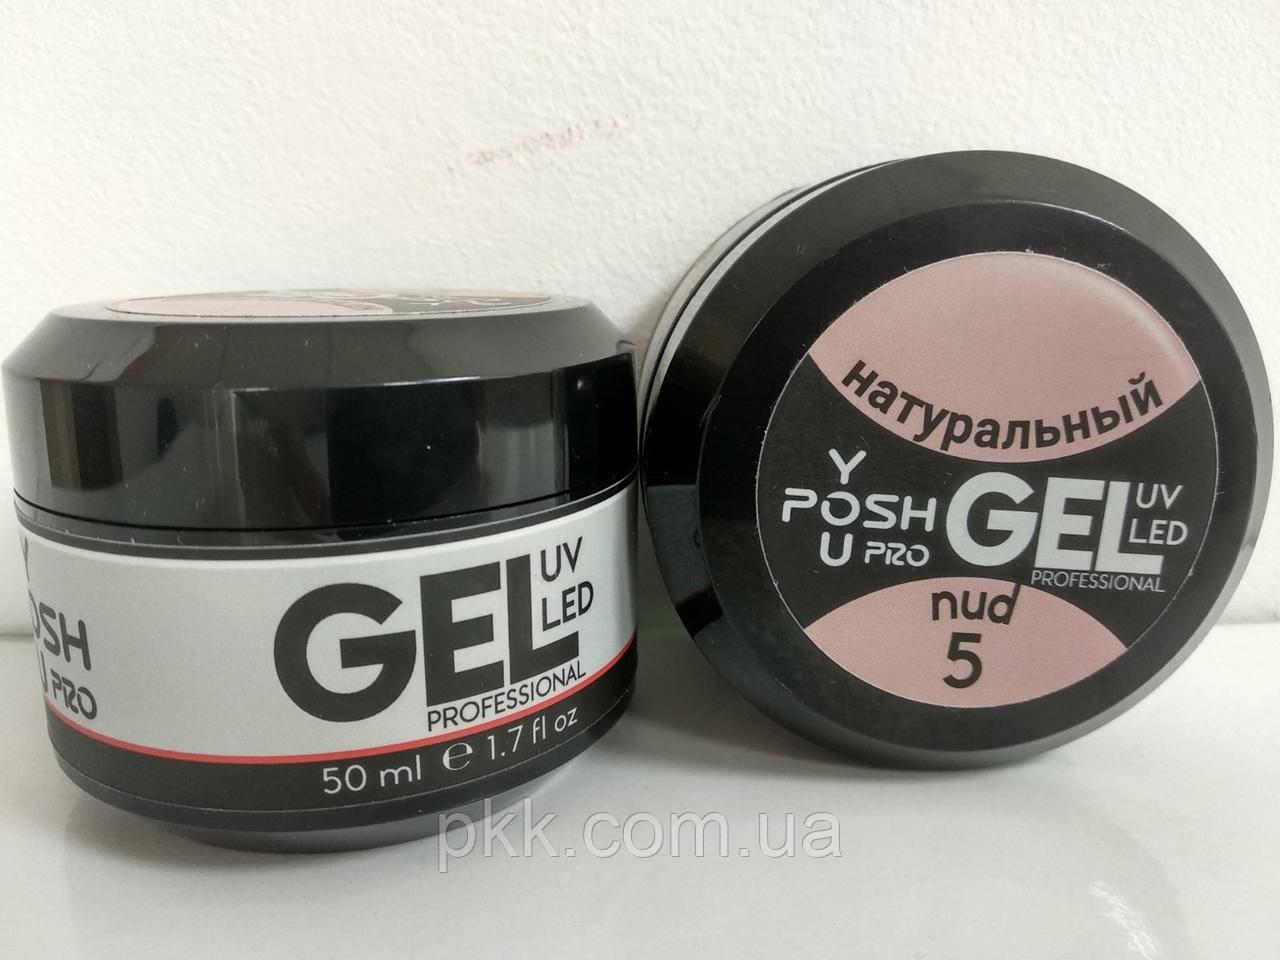 Гель для наращивания ногтей You-POSH Gel UV/LED однофазный 50 мл № 5 Натуральный/Nud